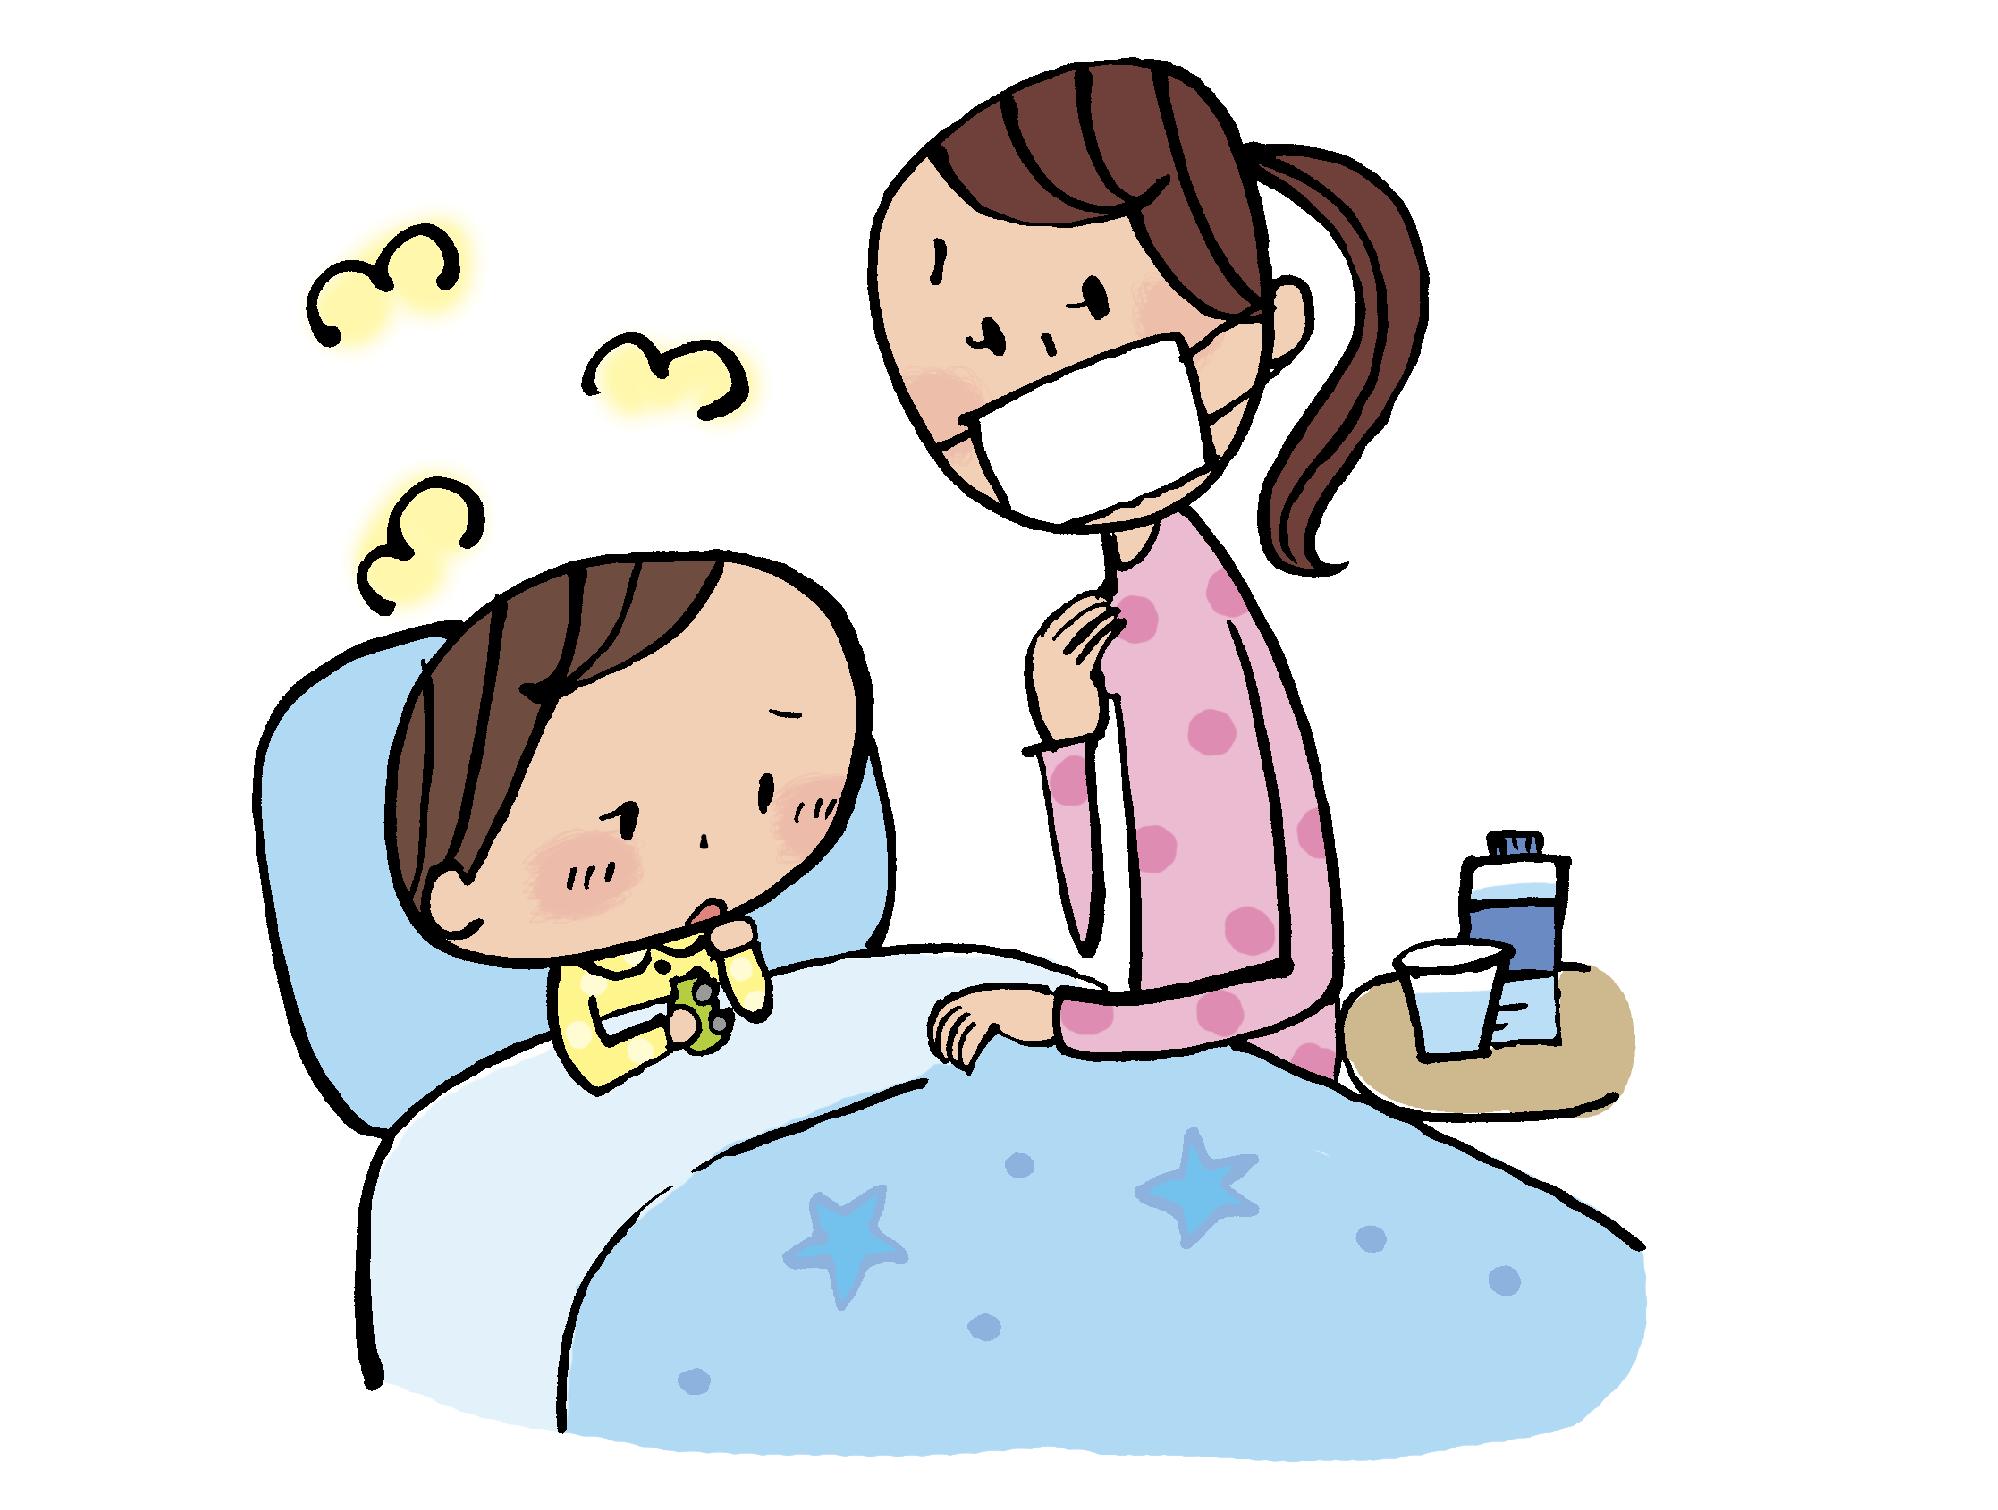 嘔吐の時は牛乳パックちりとり 発熱 下痢など子どもの冬の病気まとめ